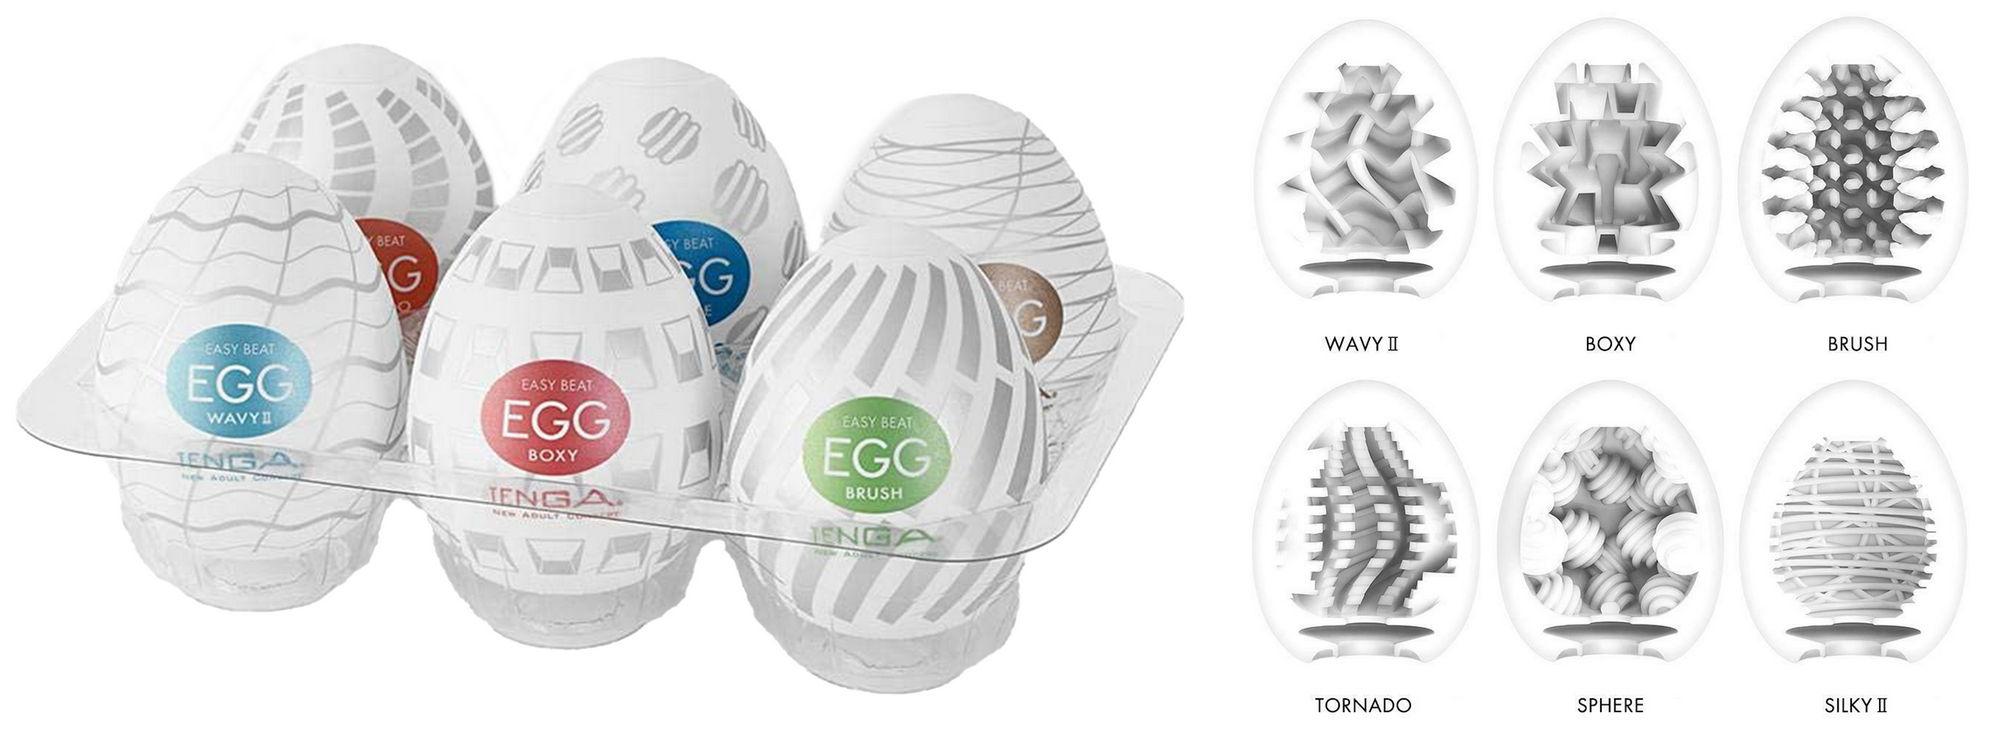 Tenga Egg Variety 3 Pack